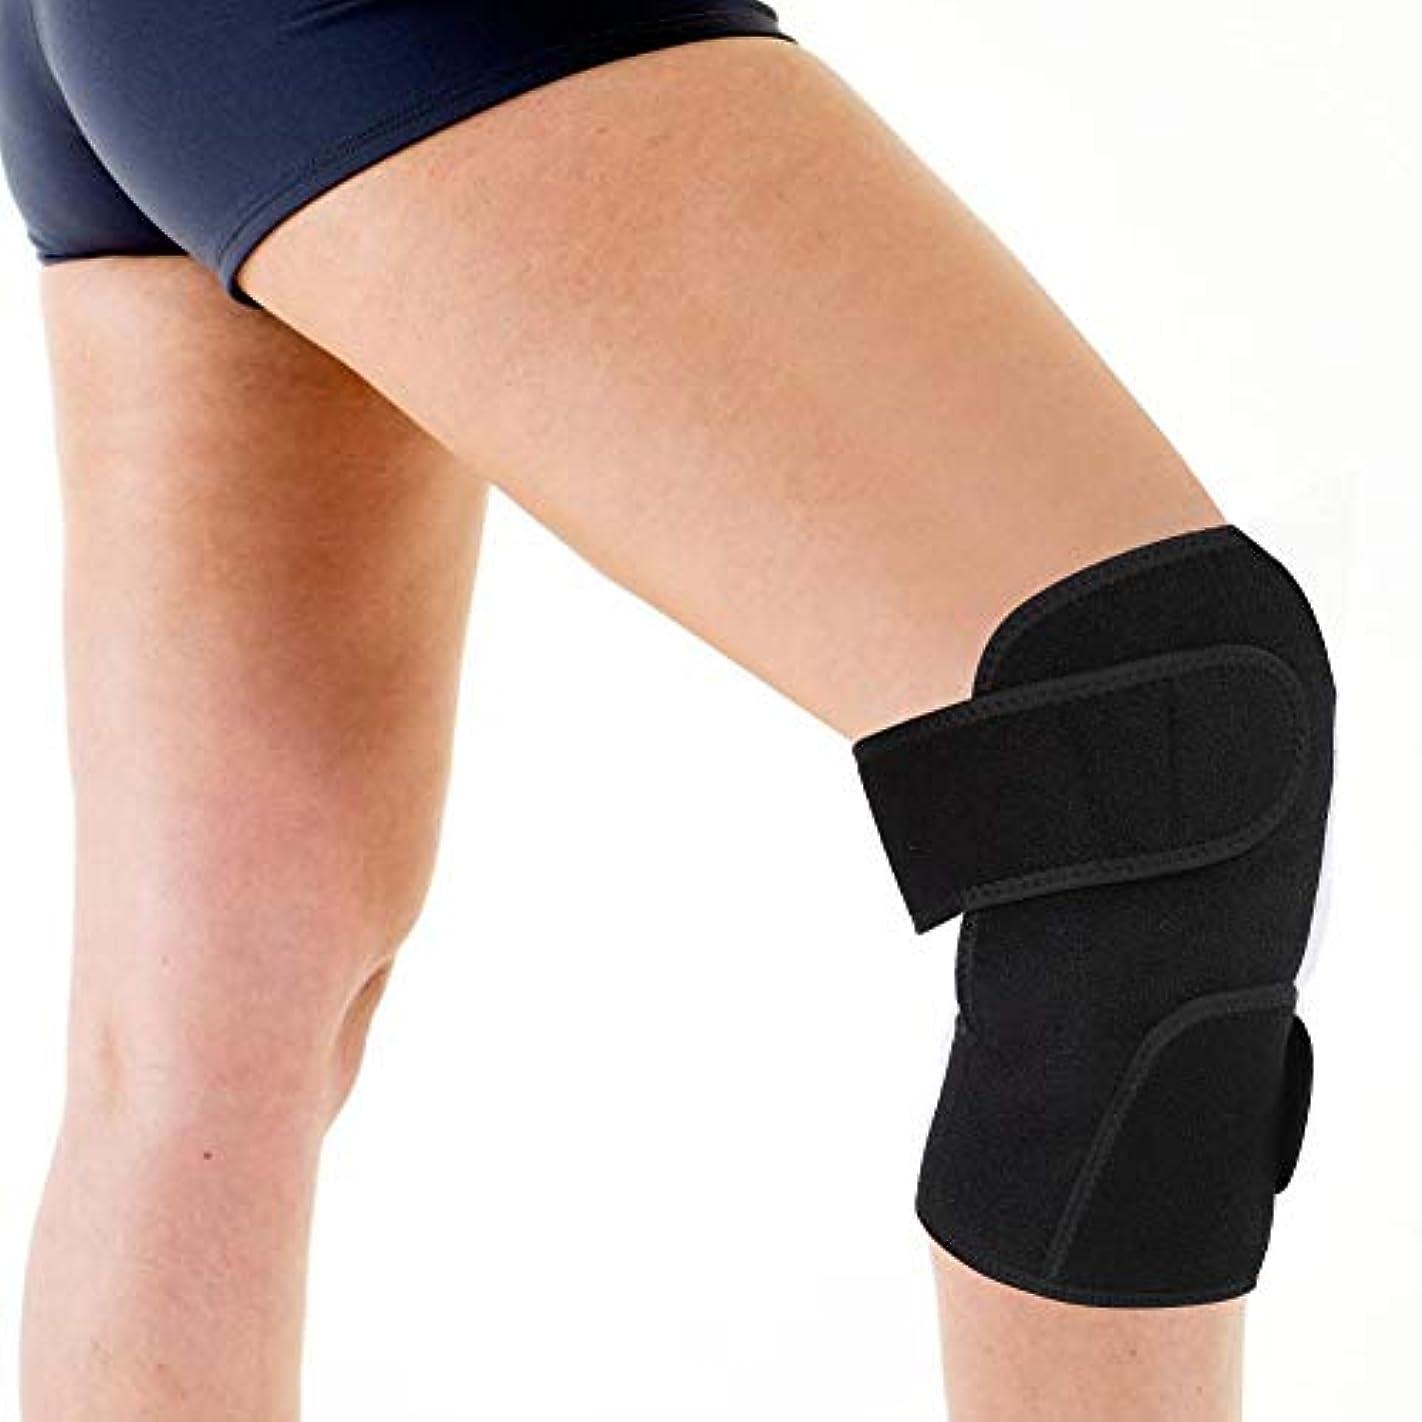 道導出最初は加熱膝パッド、電熱膝ブレース加熱保温のための柔軟な機動性を備えた鎮痛膝サポートコンプレッサー